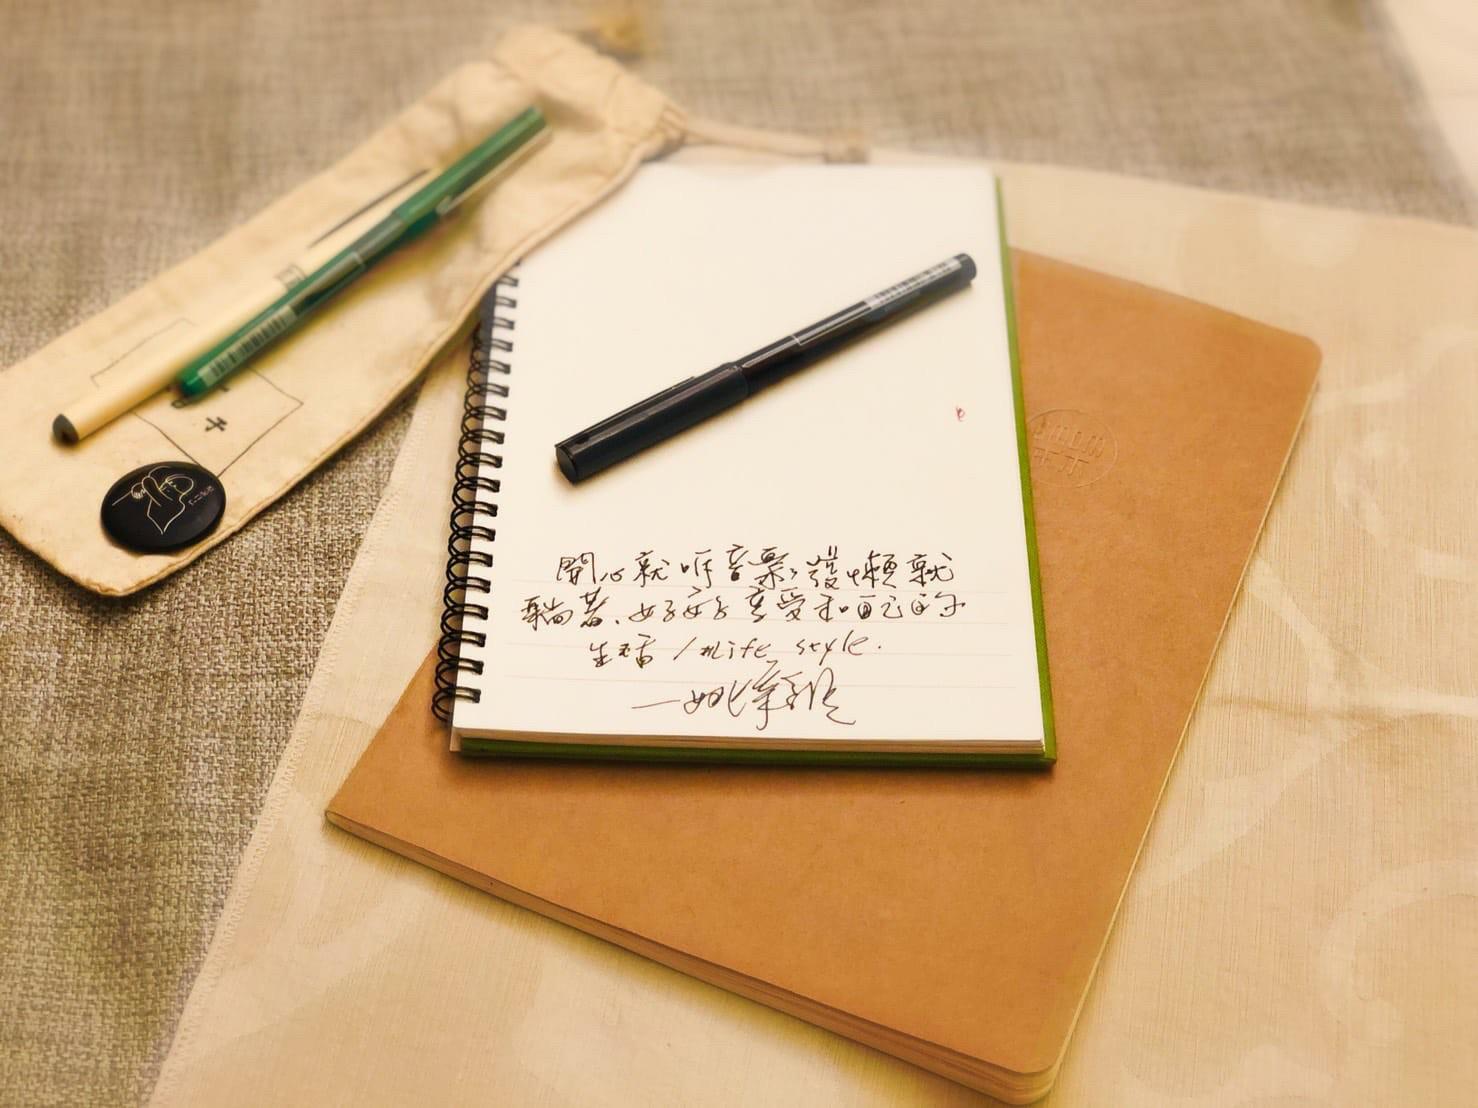 ▲姚采穎會隨身攜帶筆記本紀錄生活。